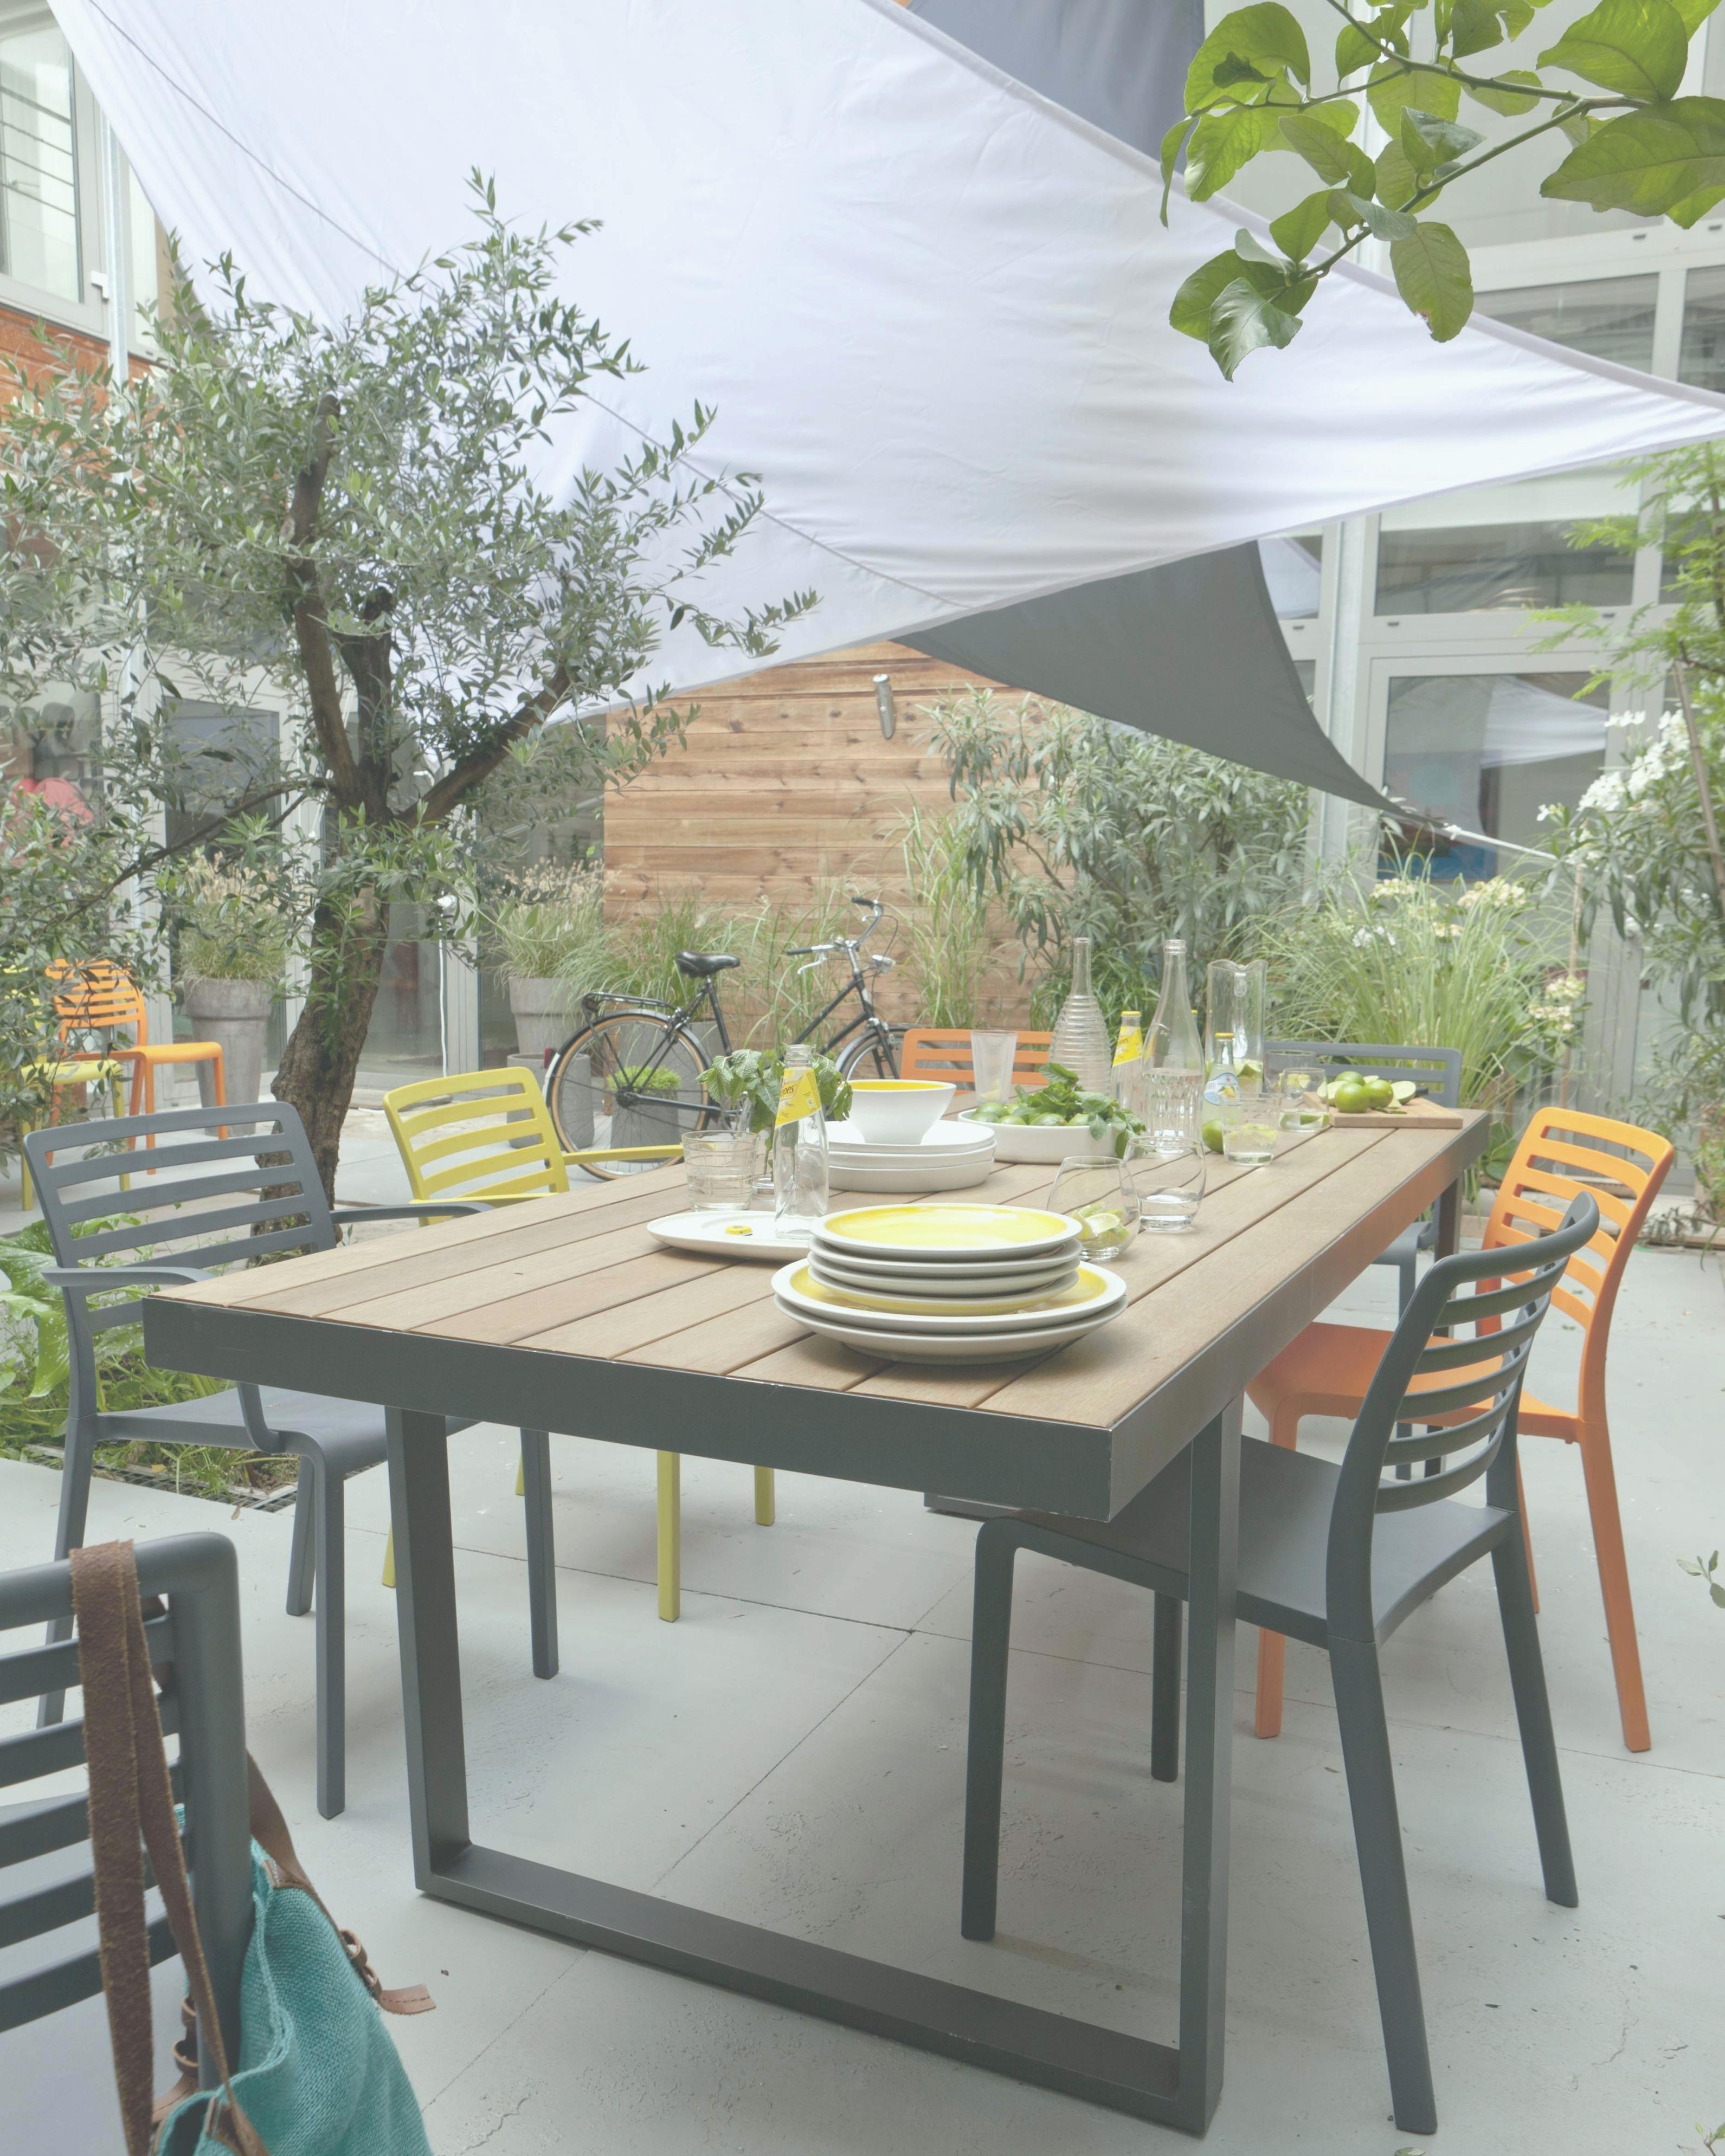 Serre De Jardin Pas Cher Leclerc Élégant Photos Table De Jardin Pas Cher En Plastique Leclerc Avec Traditionnel top